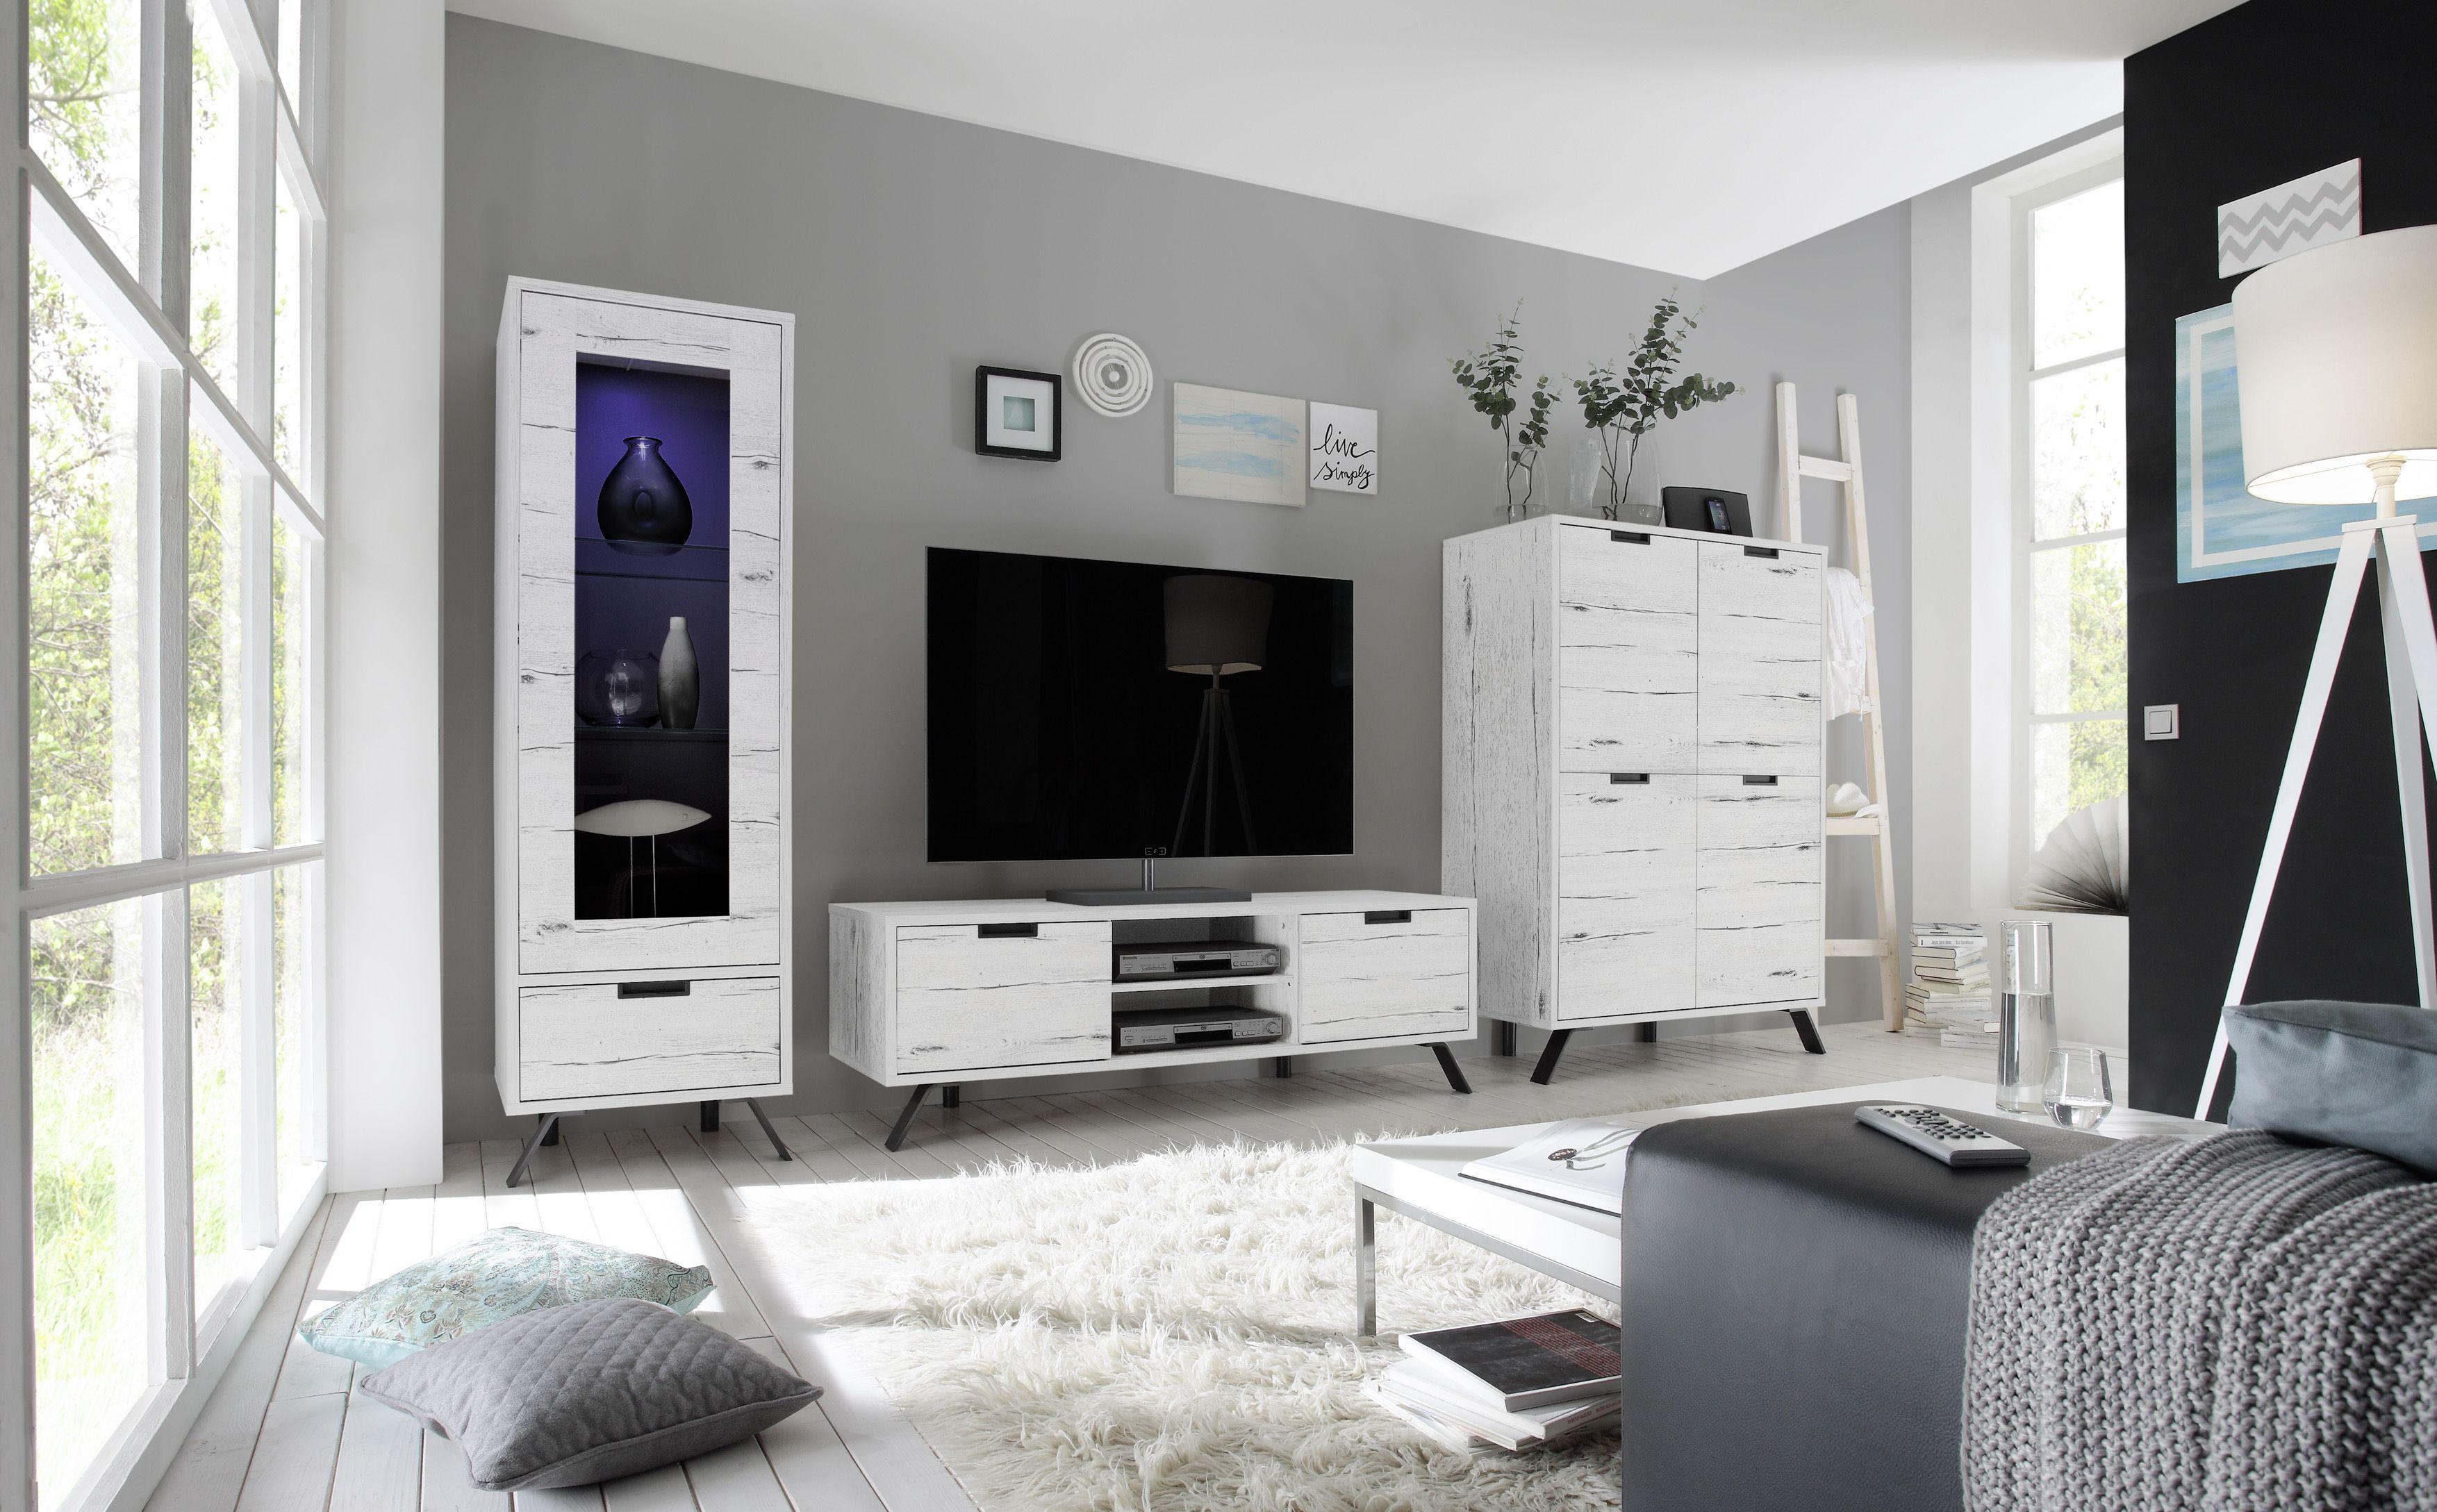 Holz Wohnzimmer ~ Wohnwand weisseiche nachbildung woody holz modern jetzt